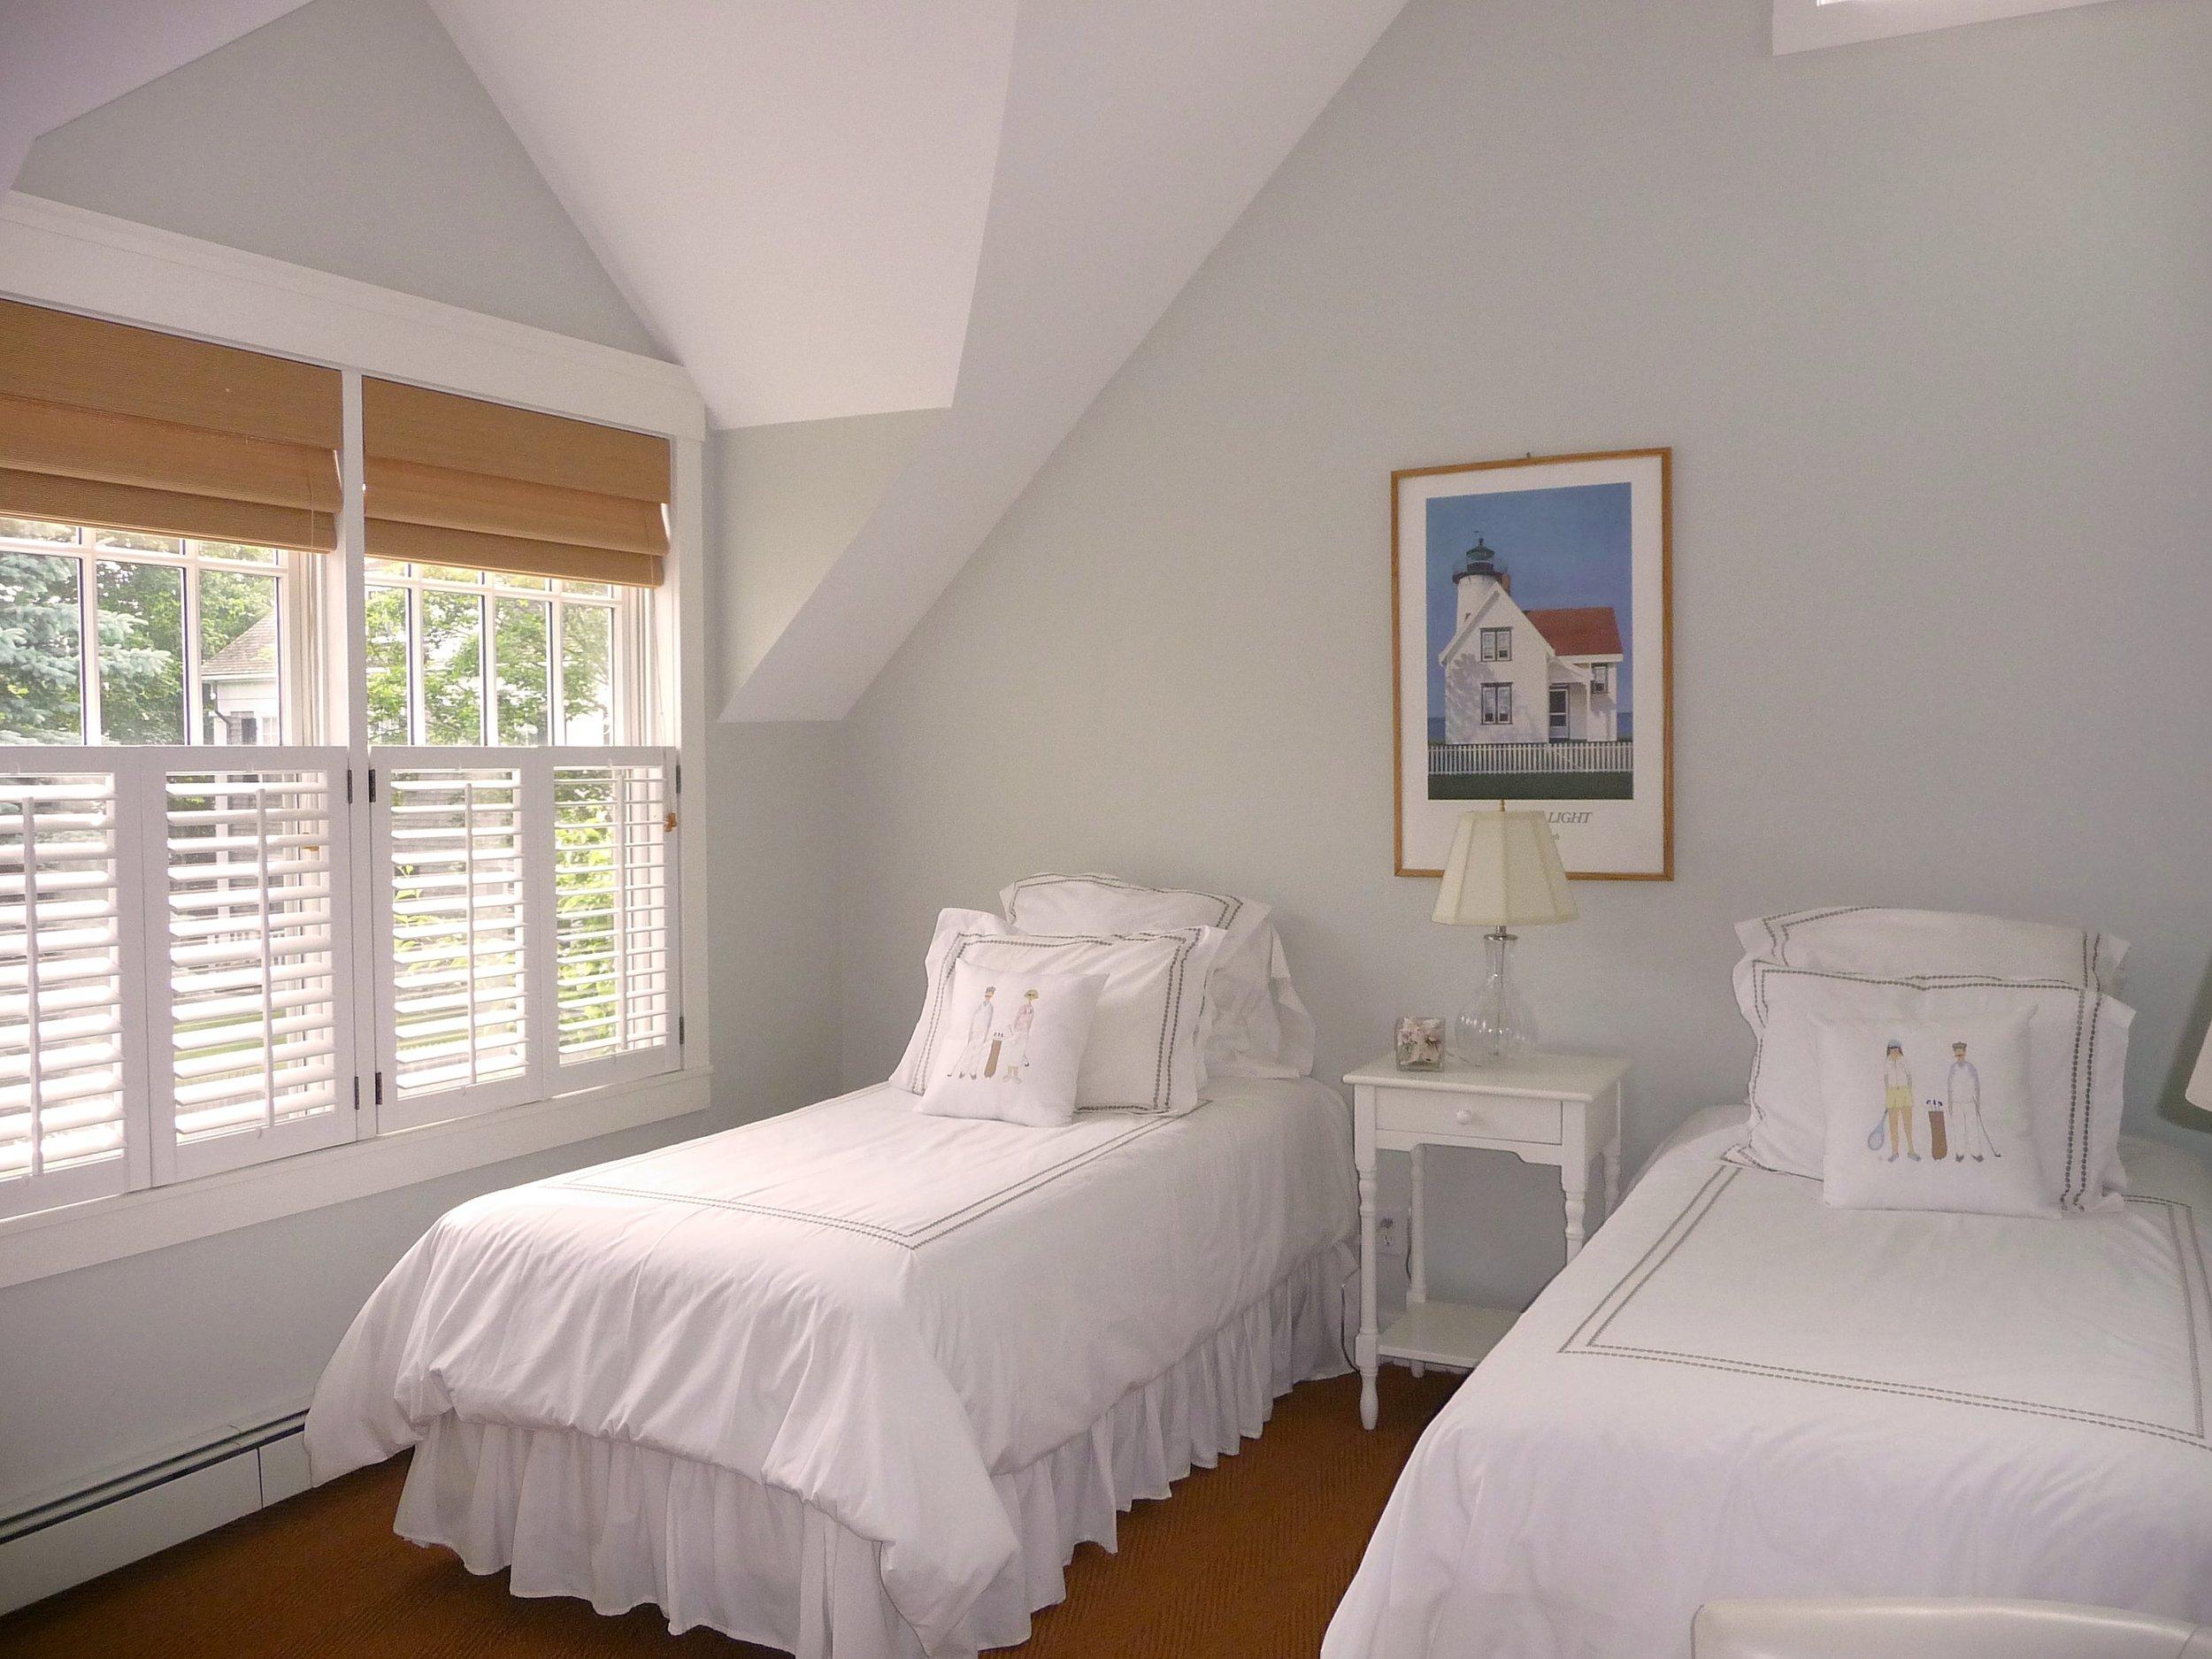 Colonial_Bedroom_Vaulted_Ceilings.jpg